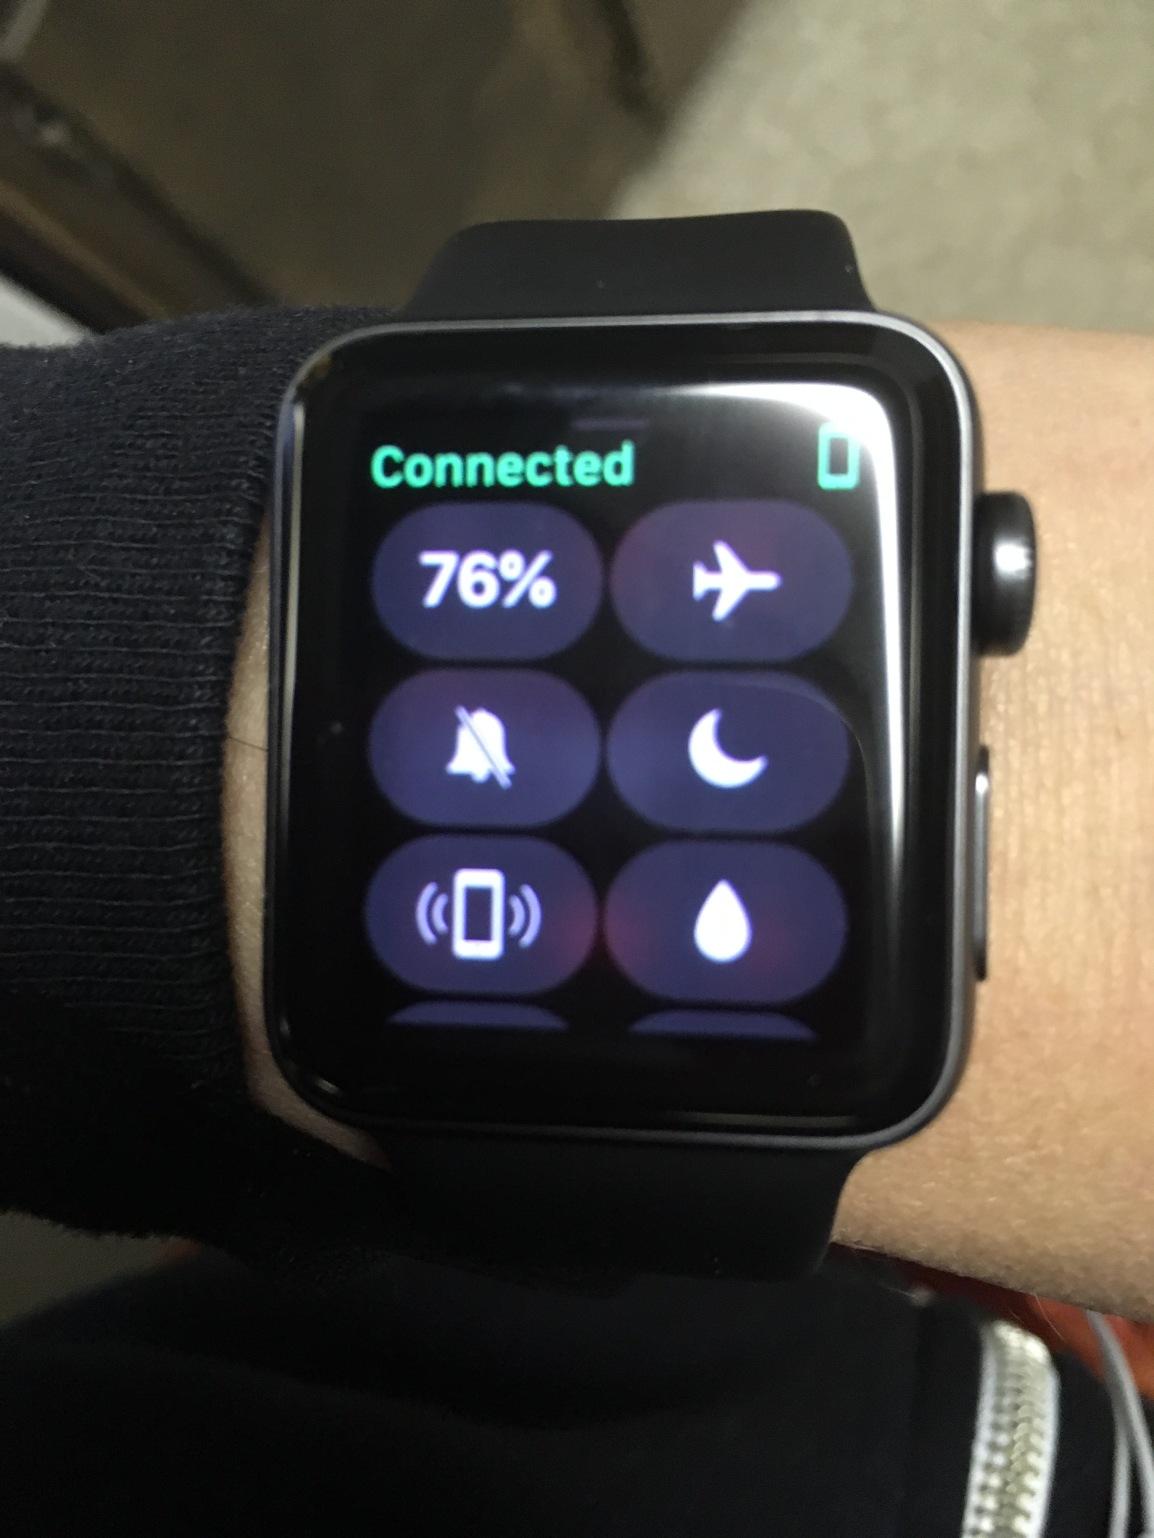 Apple Watch DesignFlaw